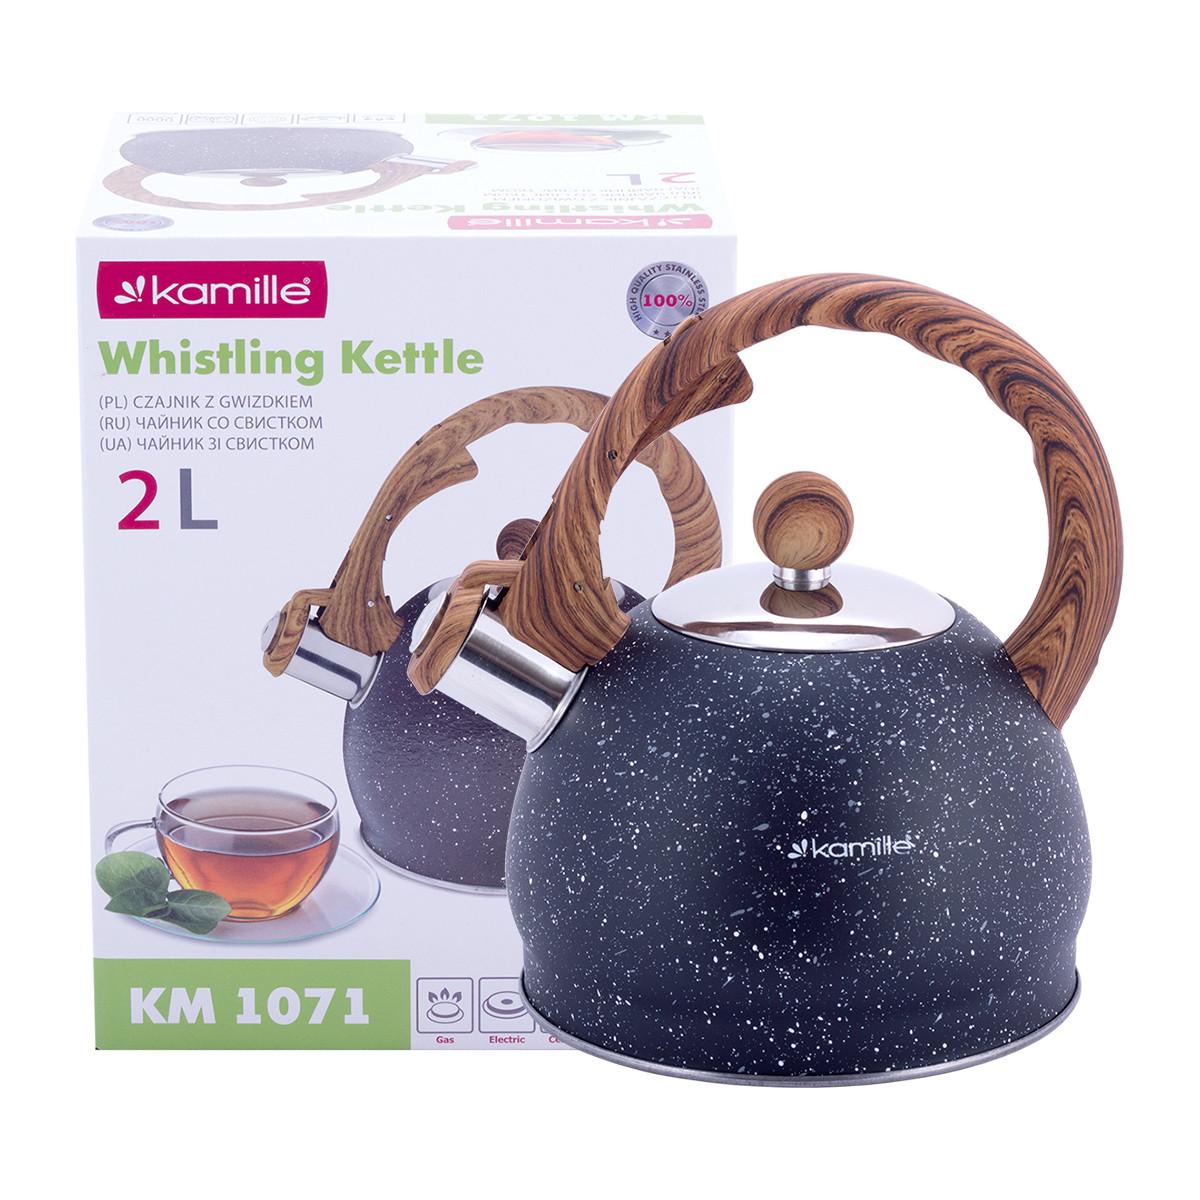 Чайник Kamille 2л из нержавеющей стали со свистком и бакелитовой ручкой для индукции и газа KM-1071